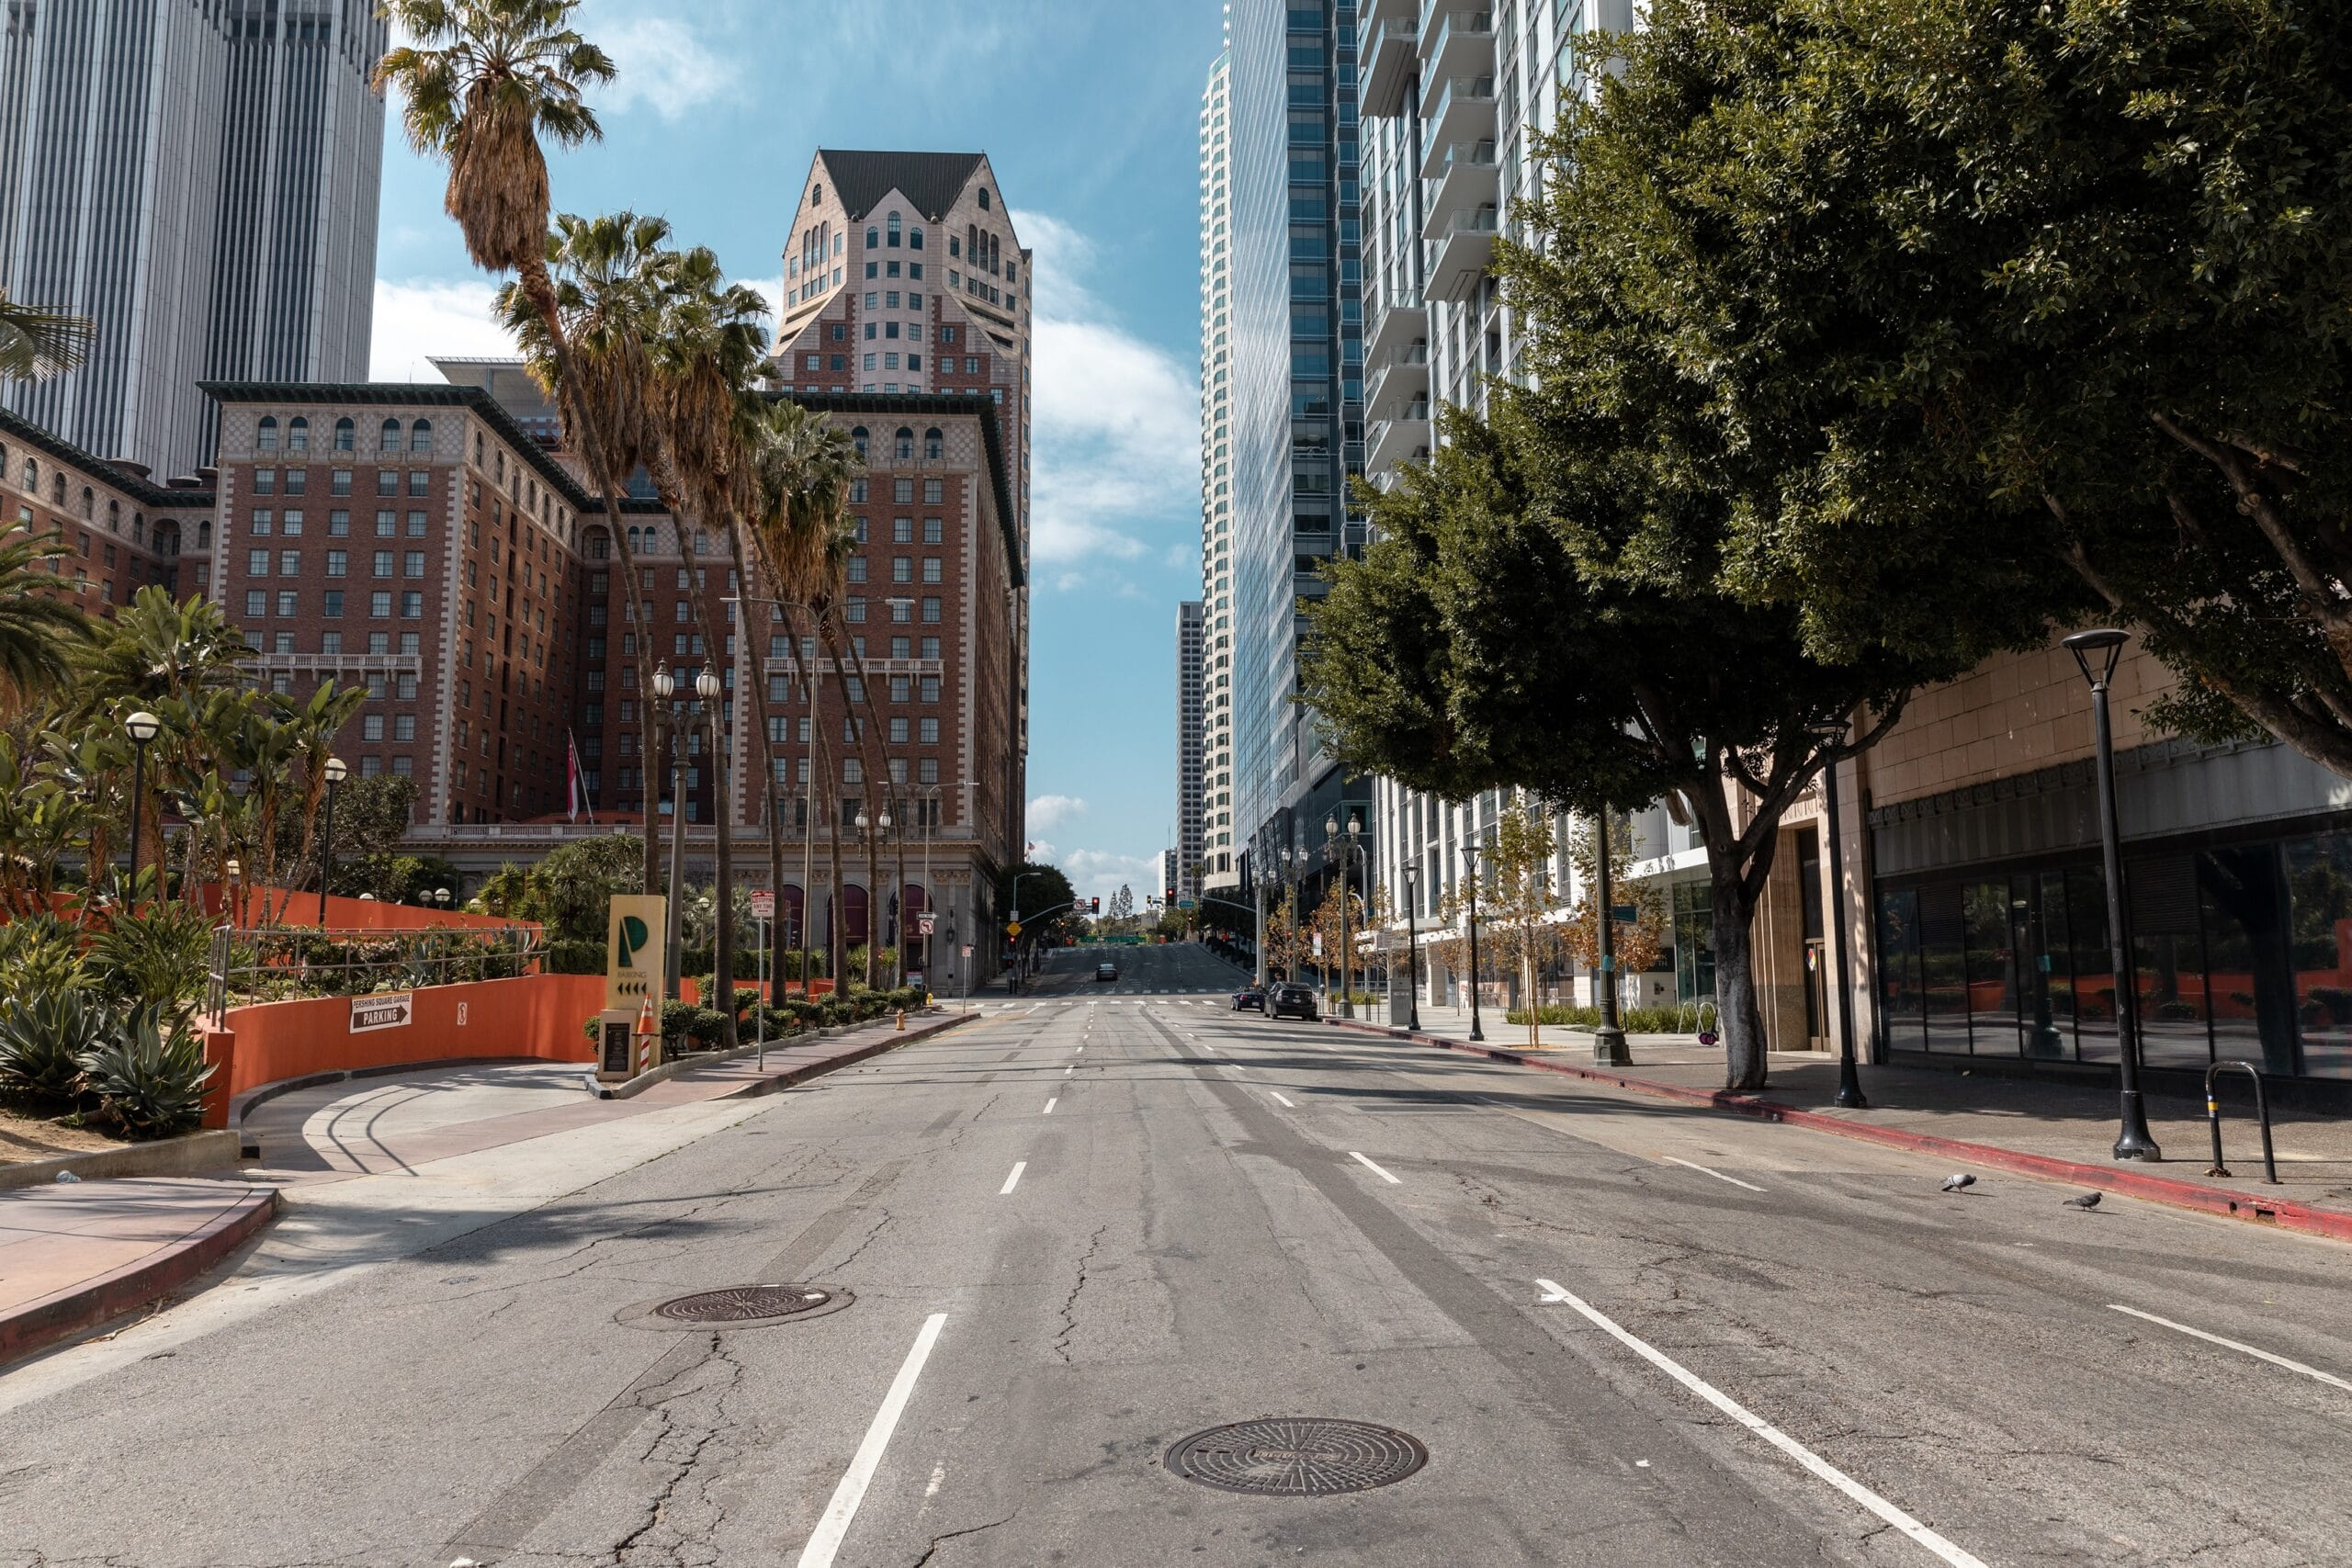 Ruas vazia em Los Angeles por conta da pandemia